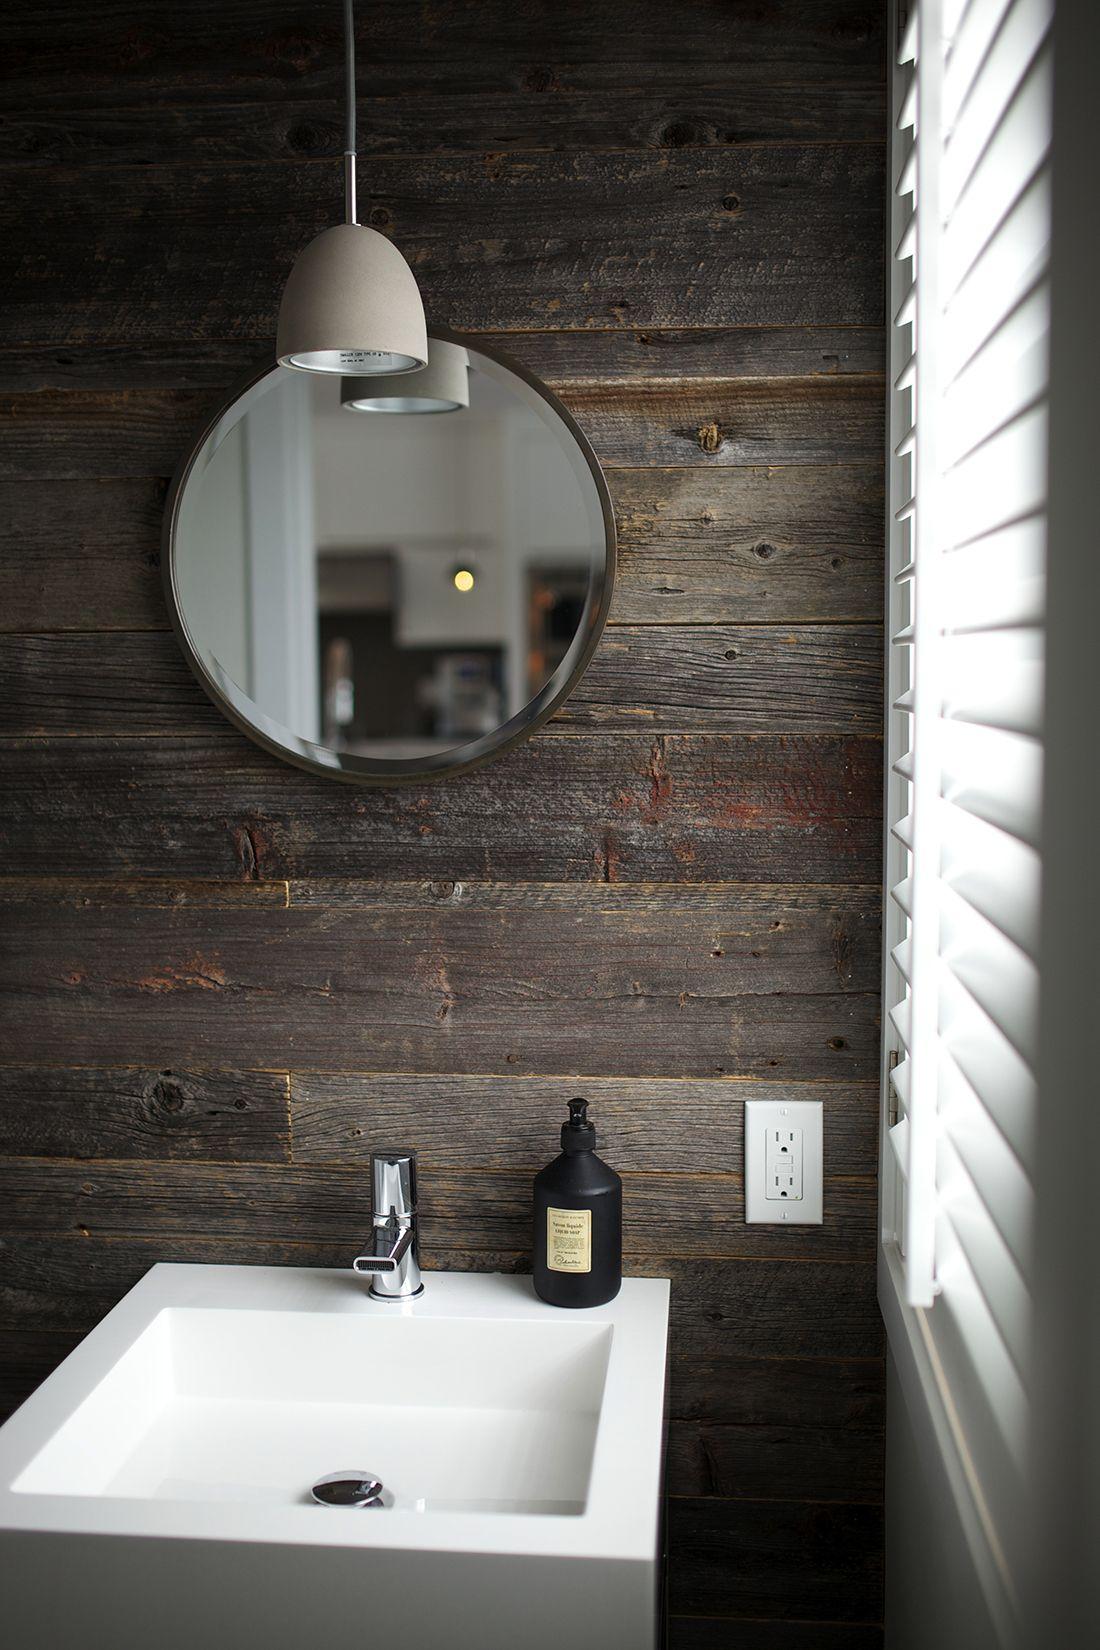 salle de bain bois de grange pinterest salle de. Black Bedroom Furniture Sets. Home Design Ideas